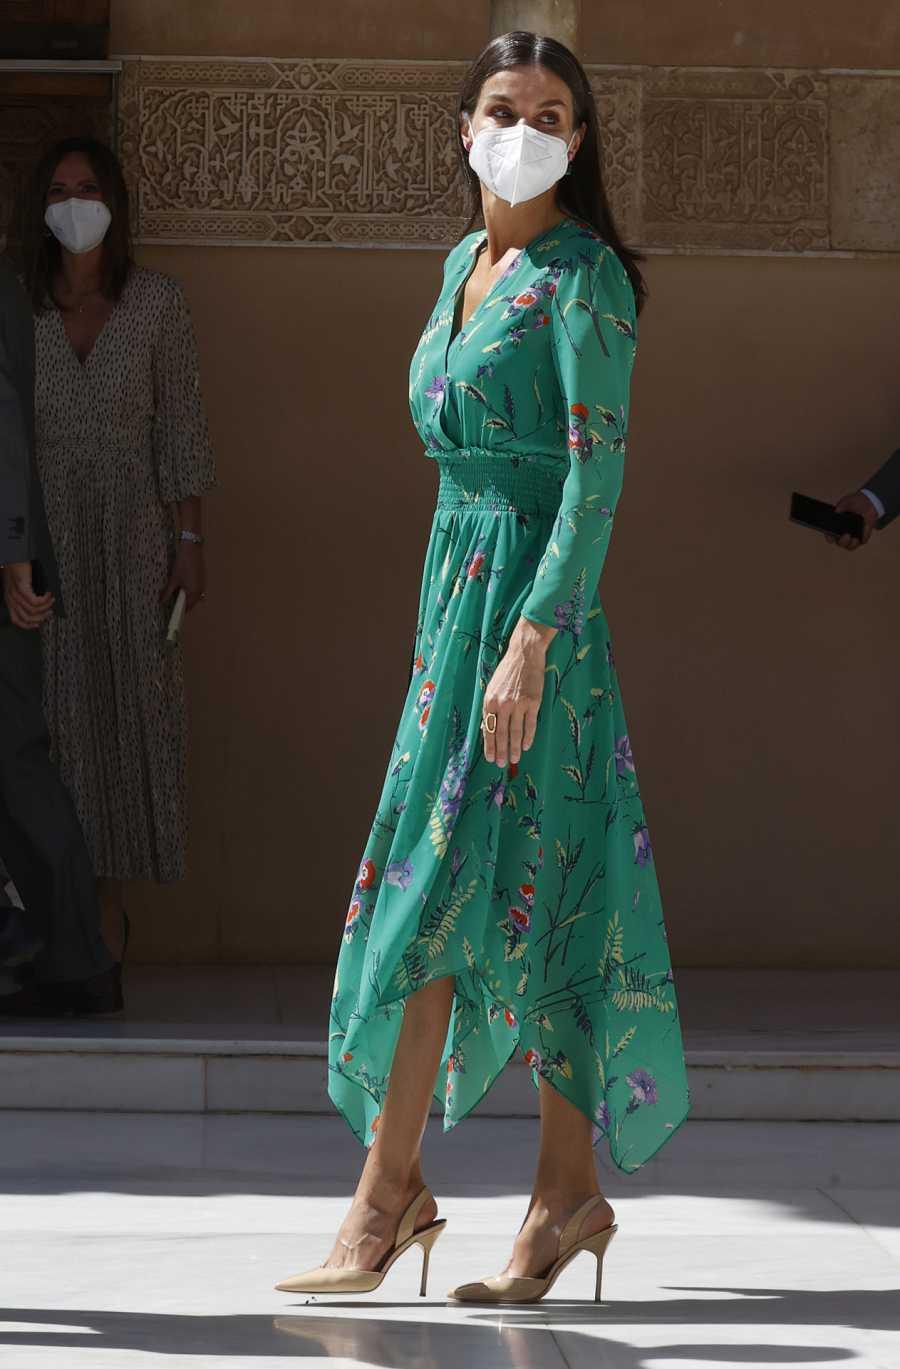 La reina Letizia en la Alhambra